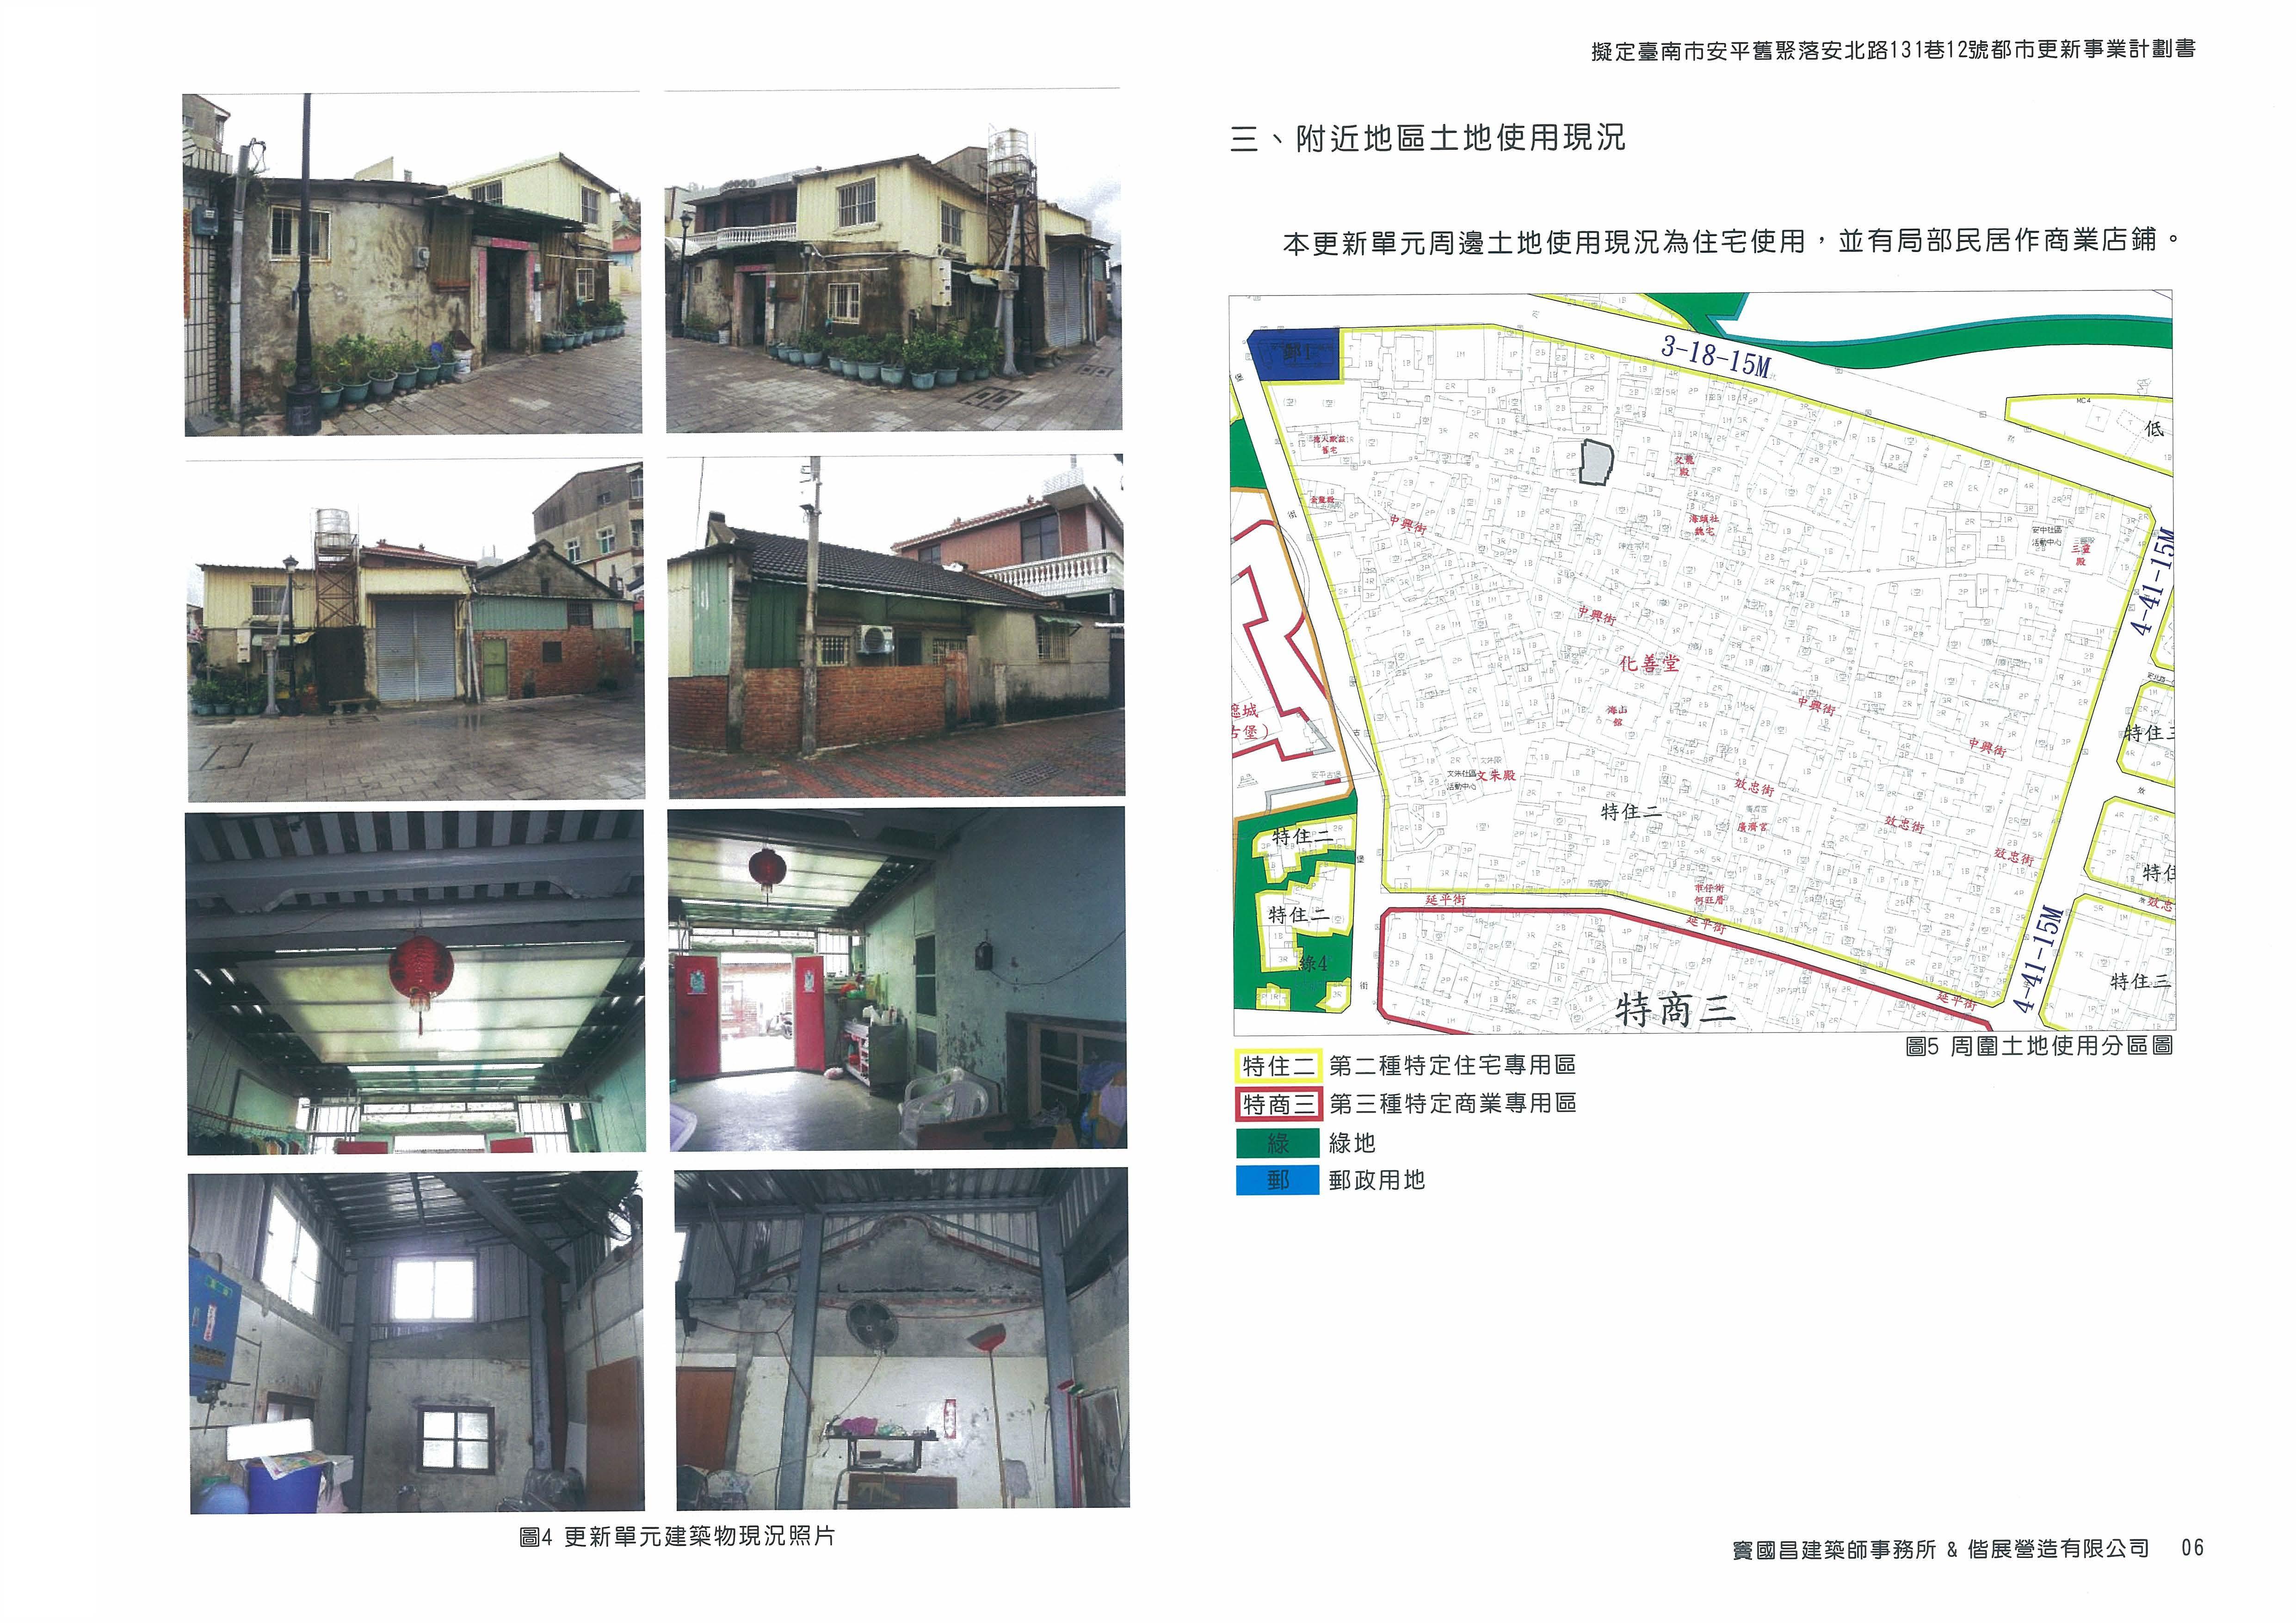 擬定臺南市安平舊部落安北路131巷12號都市更新事業計畫-都更查詢-內政部營建署都市更新入口網